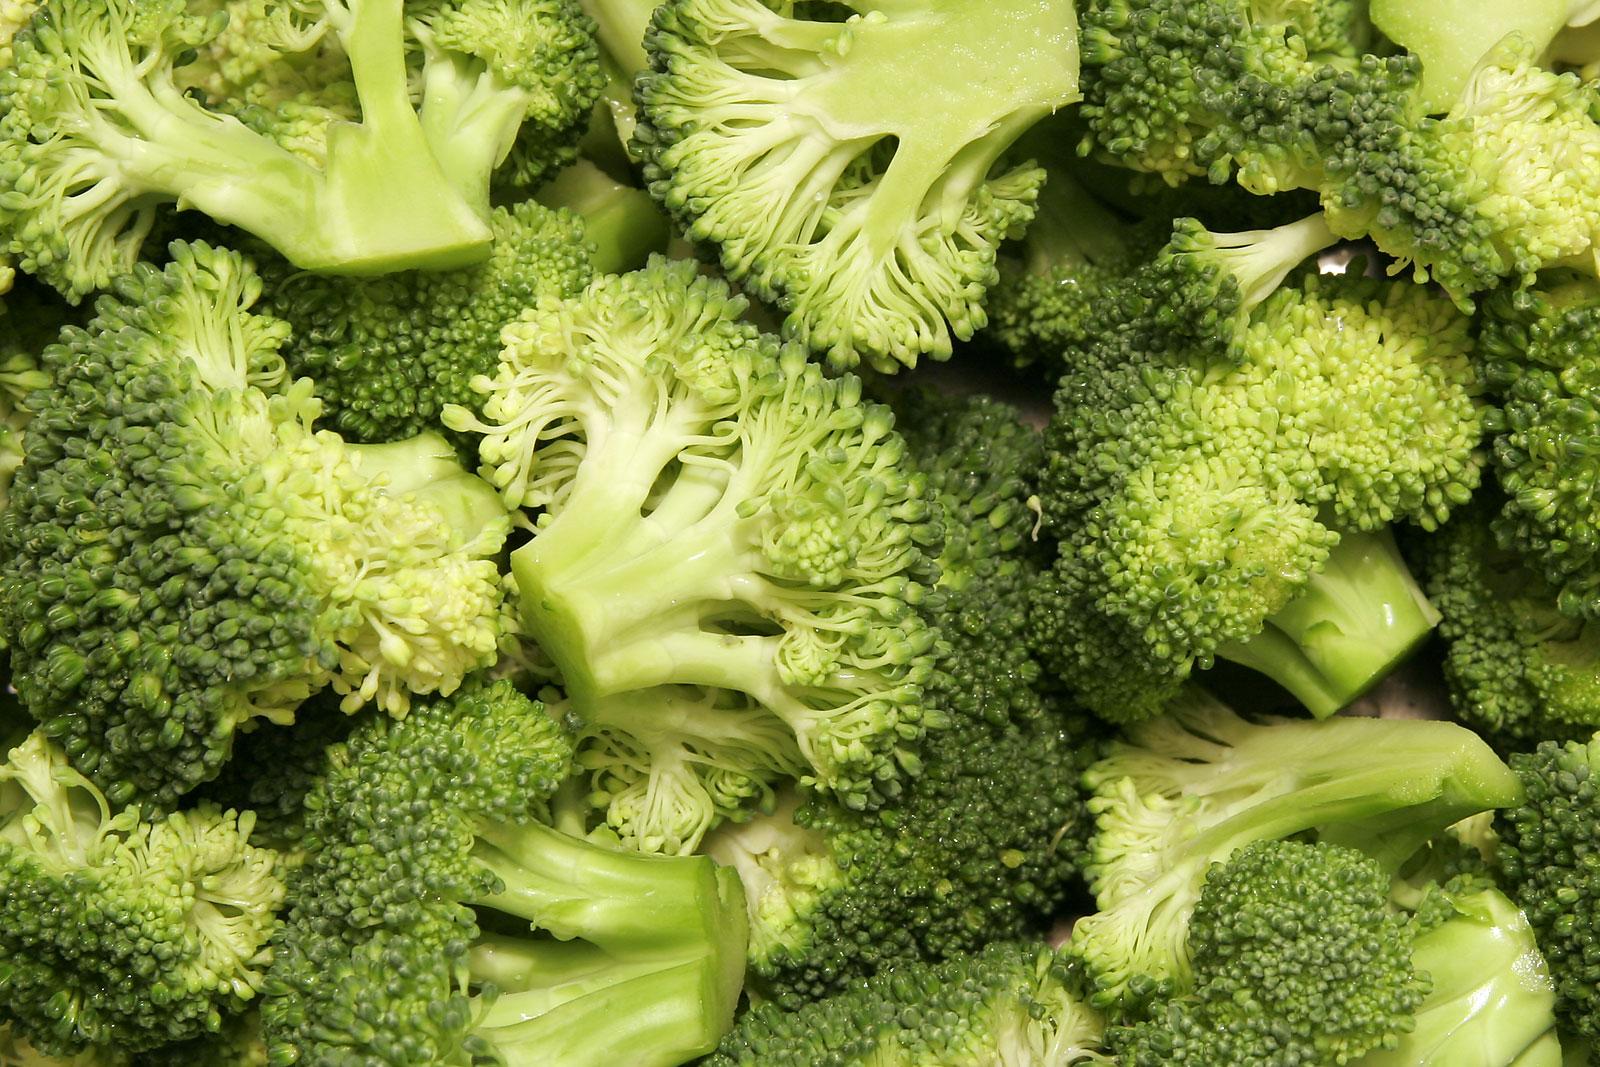 El brócoli ha sido previamente asociado con un riesgo reducido de cáncer